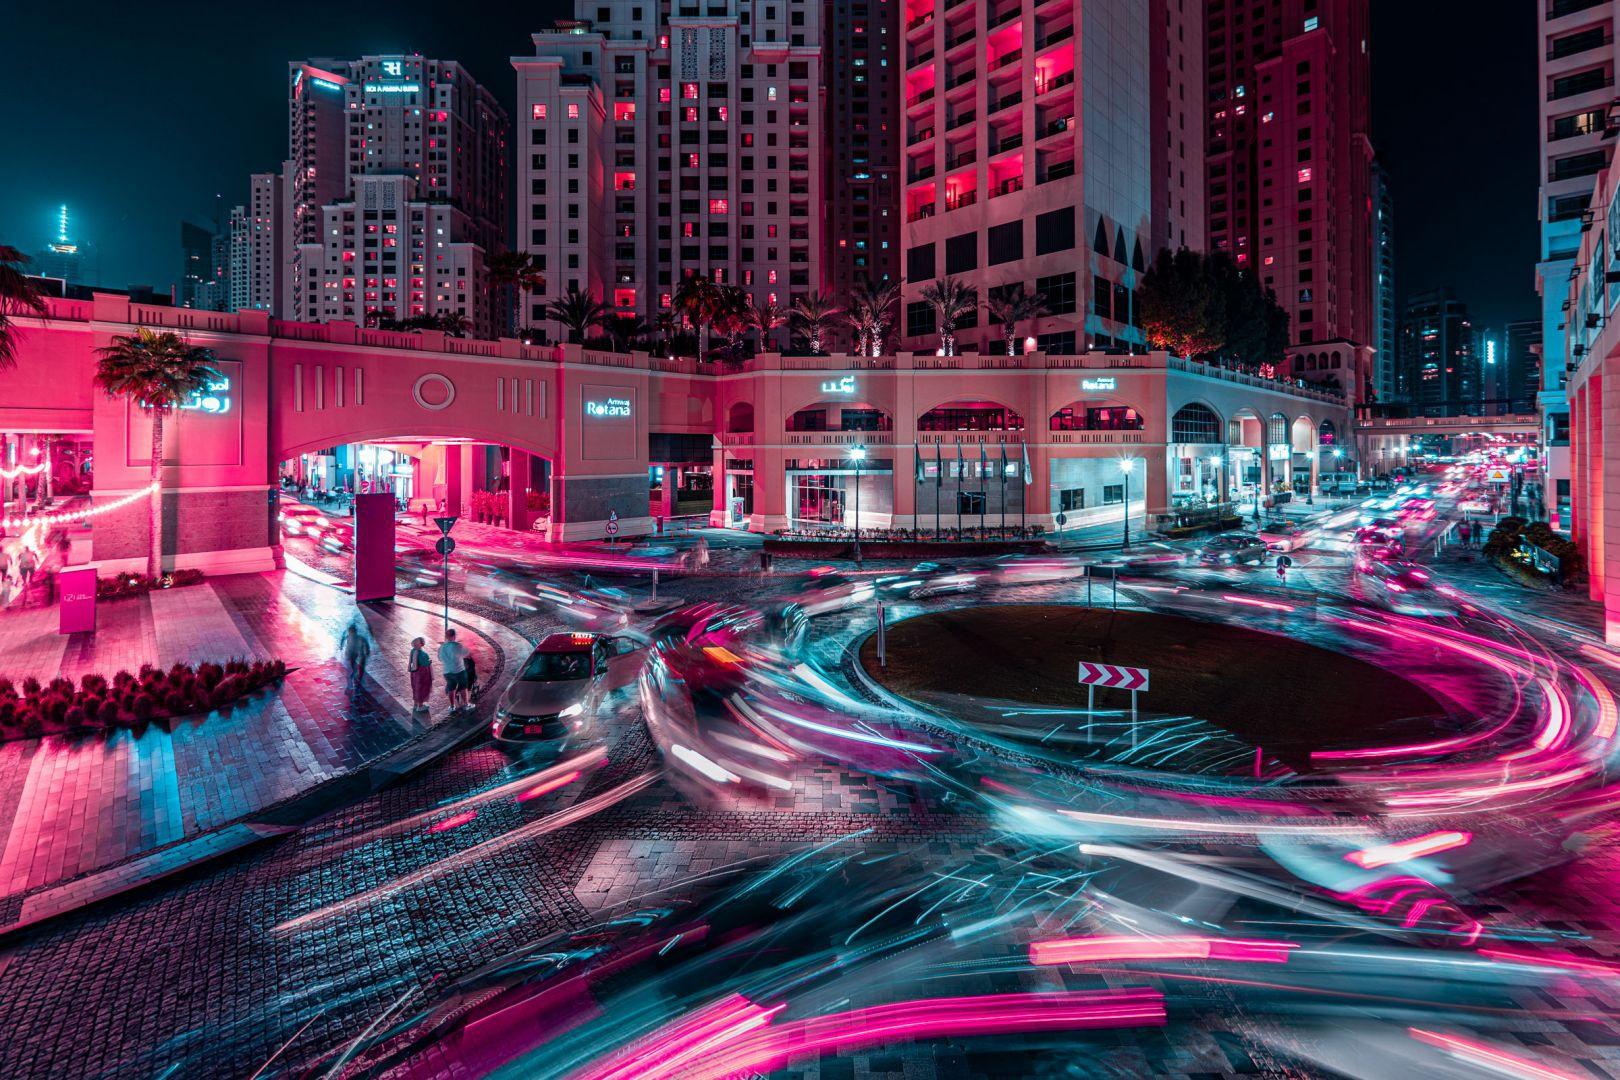 """Trước khi cho ra mắt bộ ảnh đêm Dubai (UAE), Portela từng gây chú ý nhờ bộ ảnh với phong cách tương tự ở Tokyo (Nhật Bản). Trong một bài phỏng vấn, nhiếp ảnh gia này chia sẻ anh thất vọng với những bức ảnh mình chụp khi tới xứ anh đào. """"Tôi không thể tái tạo lại cảm xúc khi đứng giữa con đường ở Shibuya hay trên đường phố Akihabara. Sự hỗn loạn, âm thanh, những người xung quanh, bầu không khí sôi động..., tất cả đều biến mất"""", anh nói."""